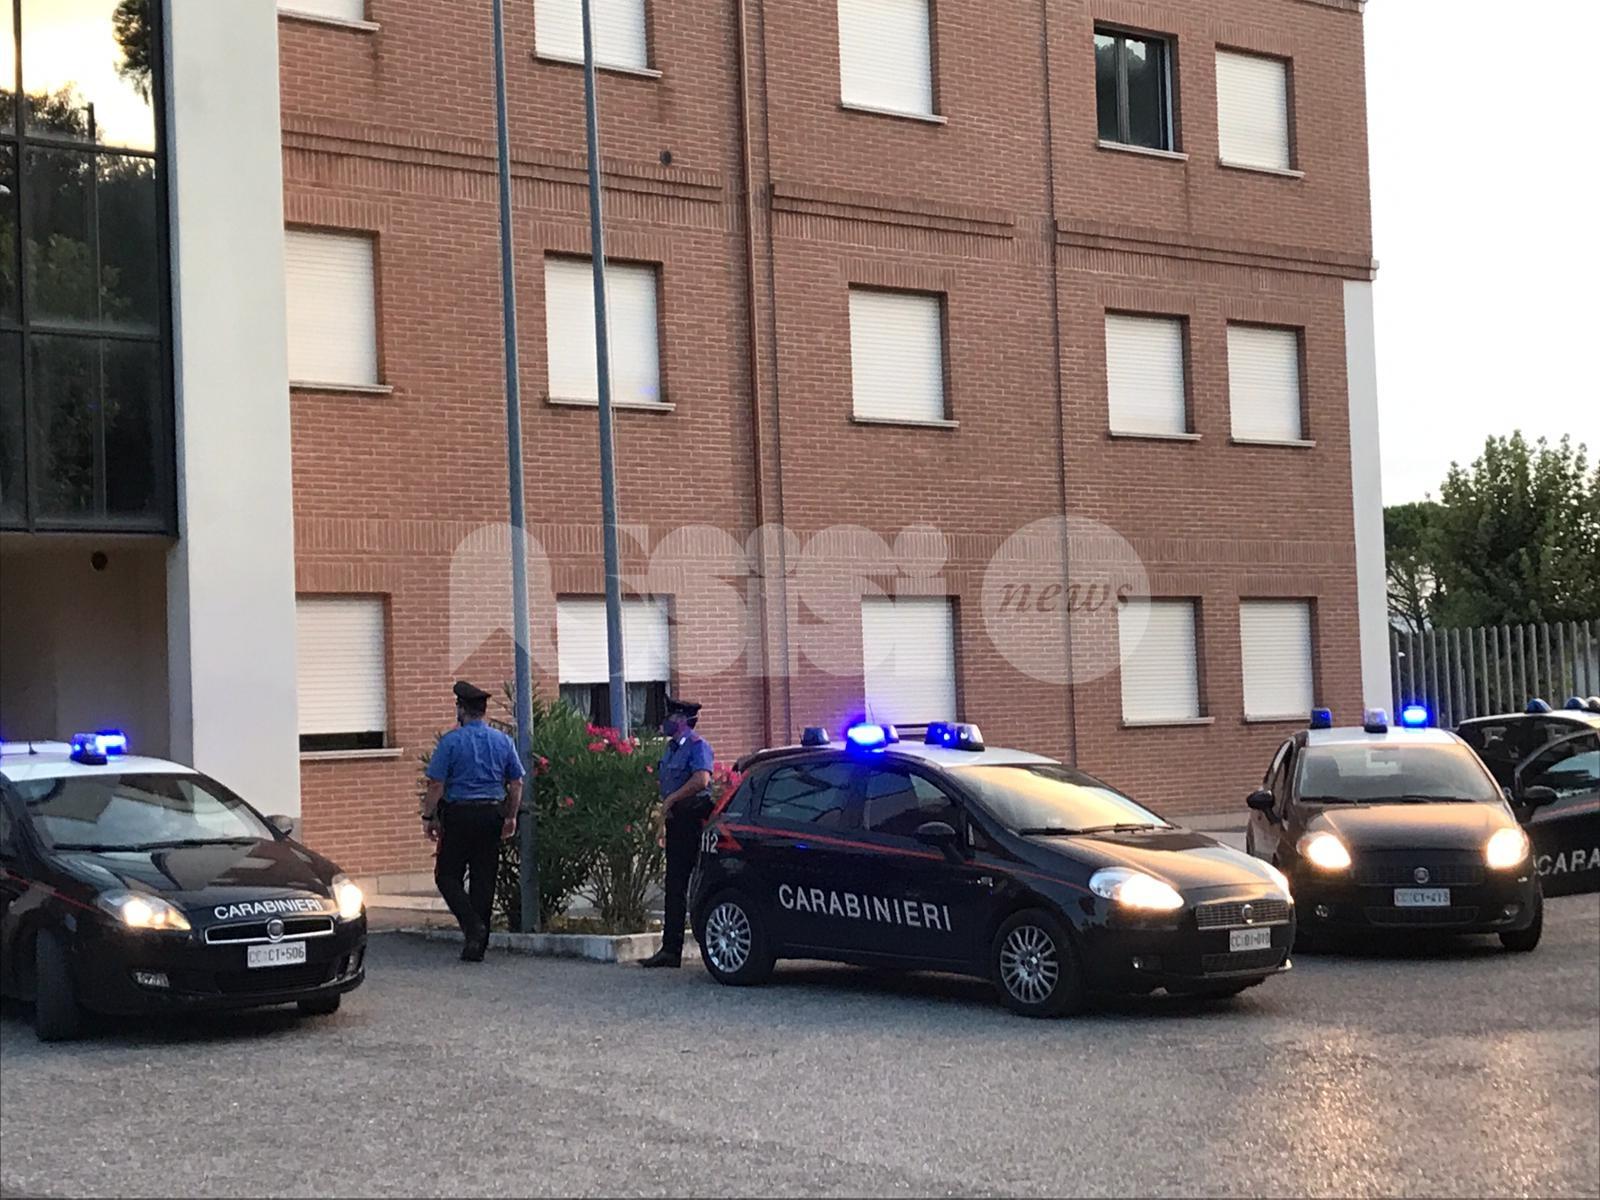 Morte di Filippo Limini, arrestati tre ragazzi: le accuse (foto+video)